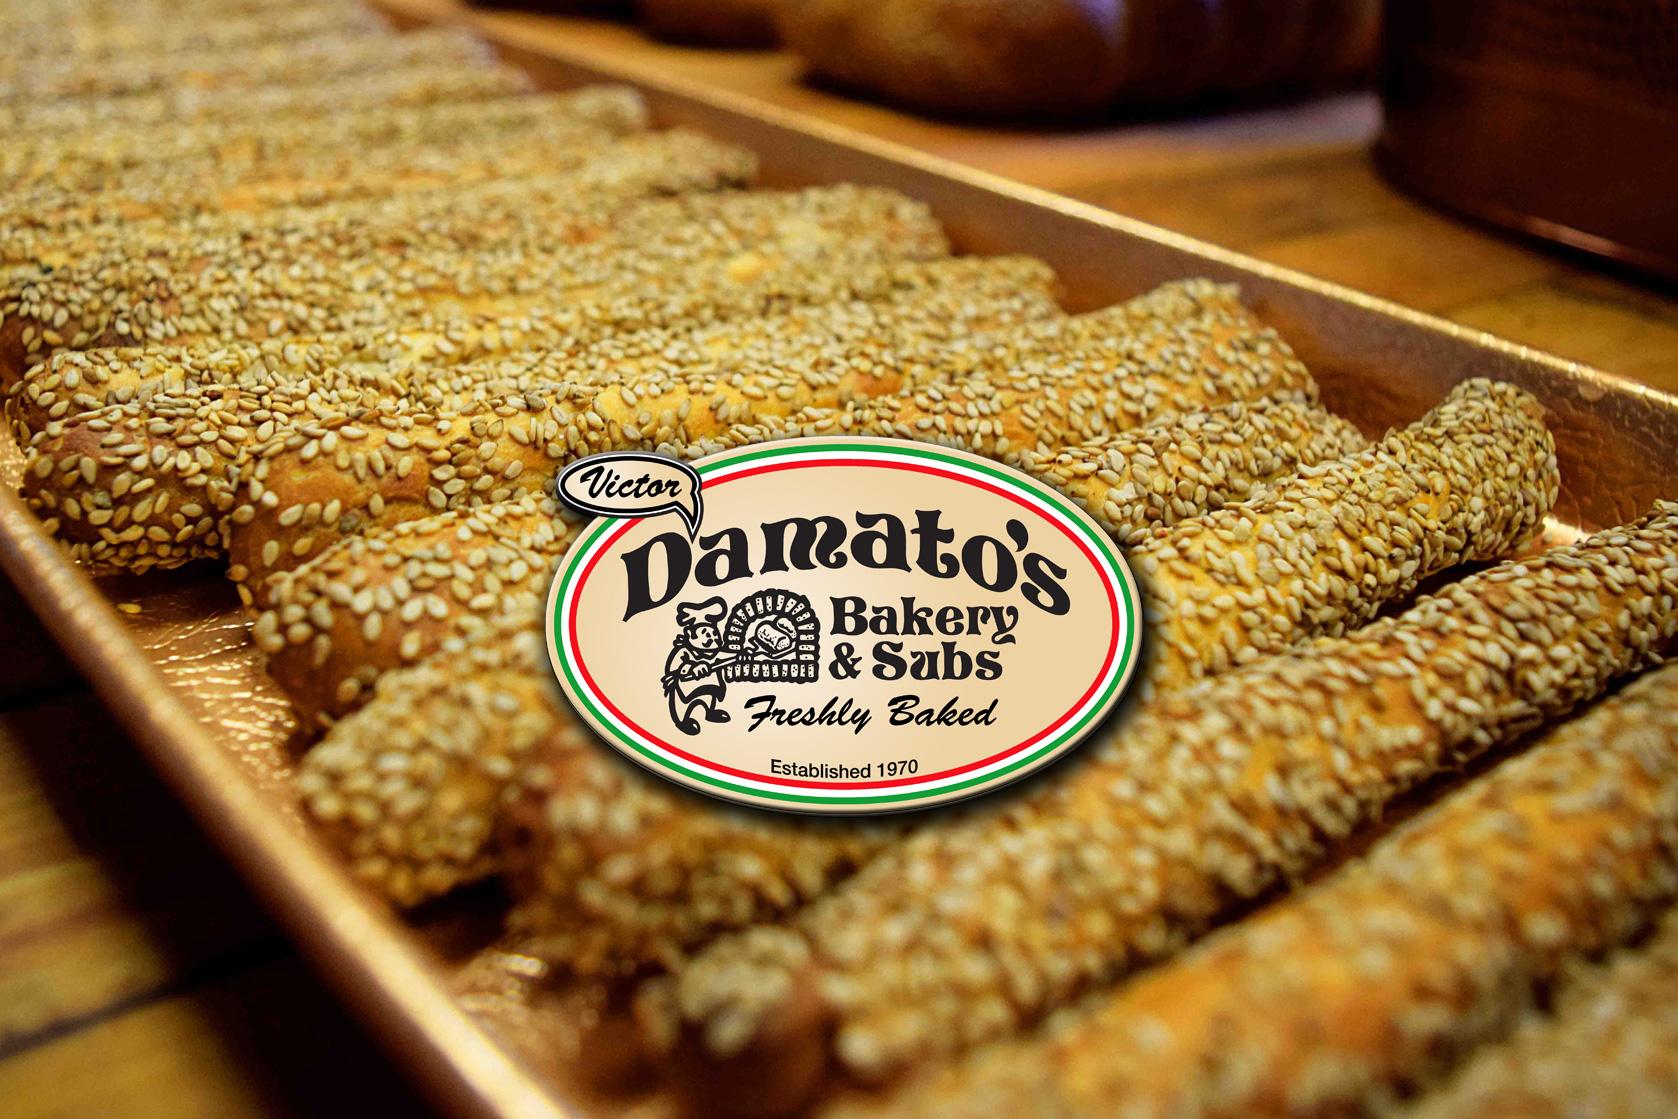 D'Amato's Chicago Breadsticks